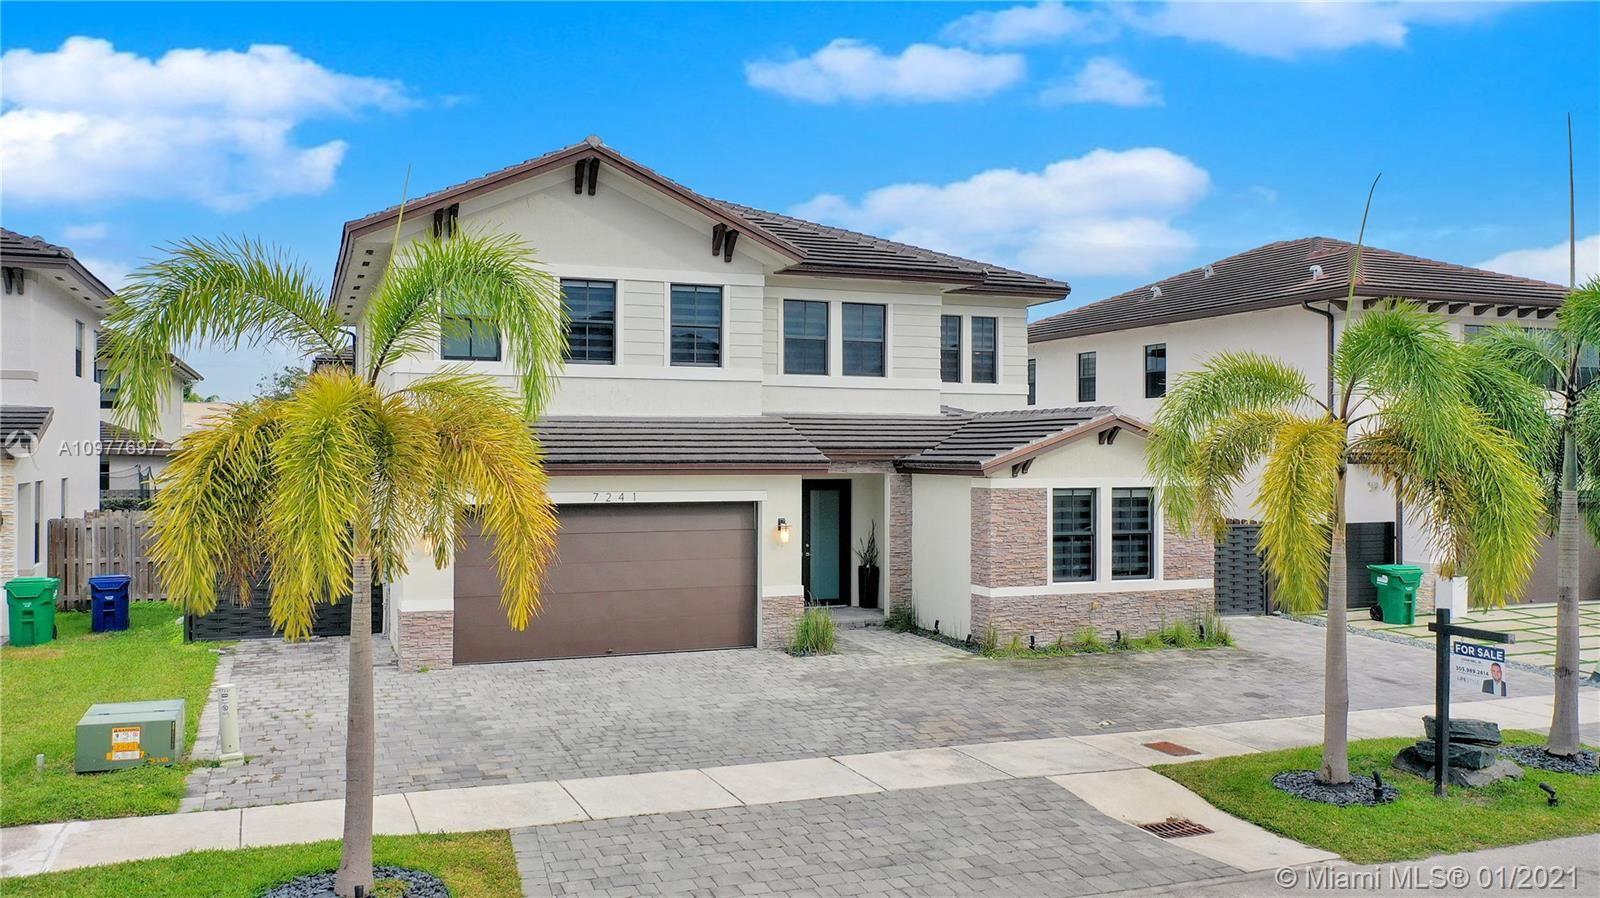 7241 SW 163rd Ct, Miami, FL 33193 - #: A10977697